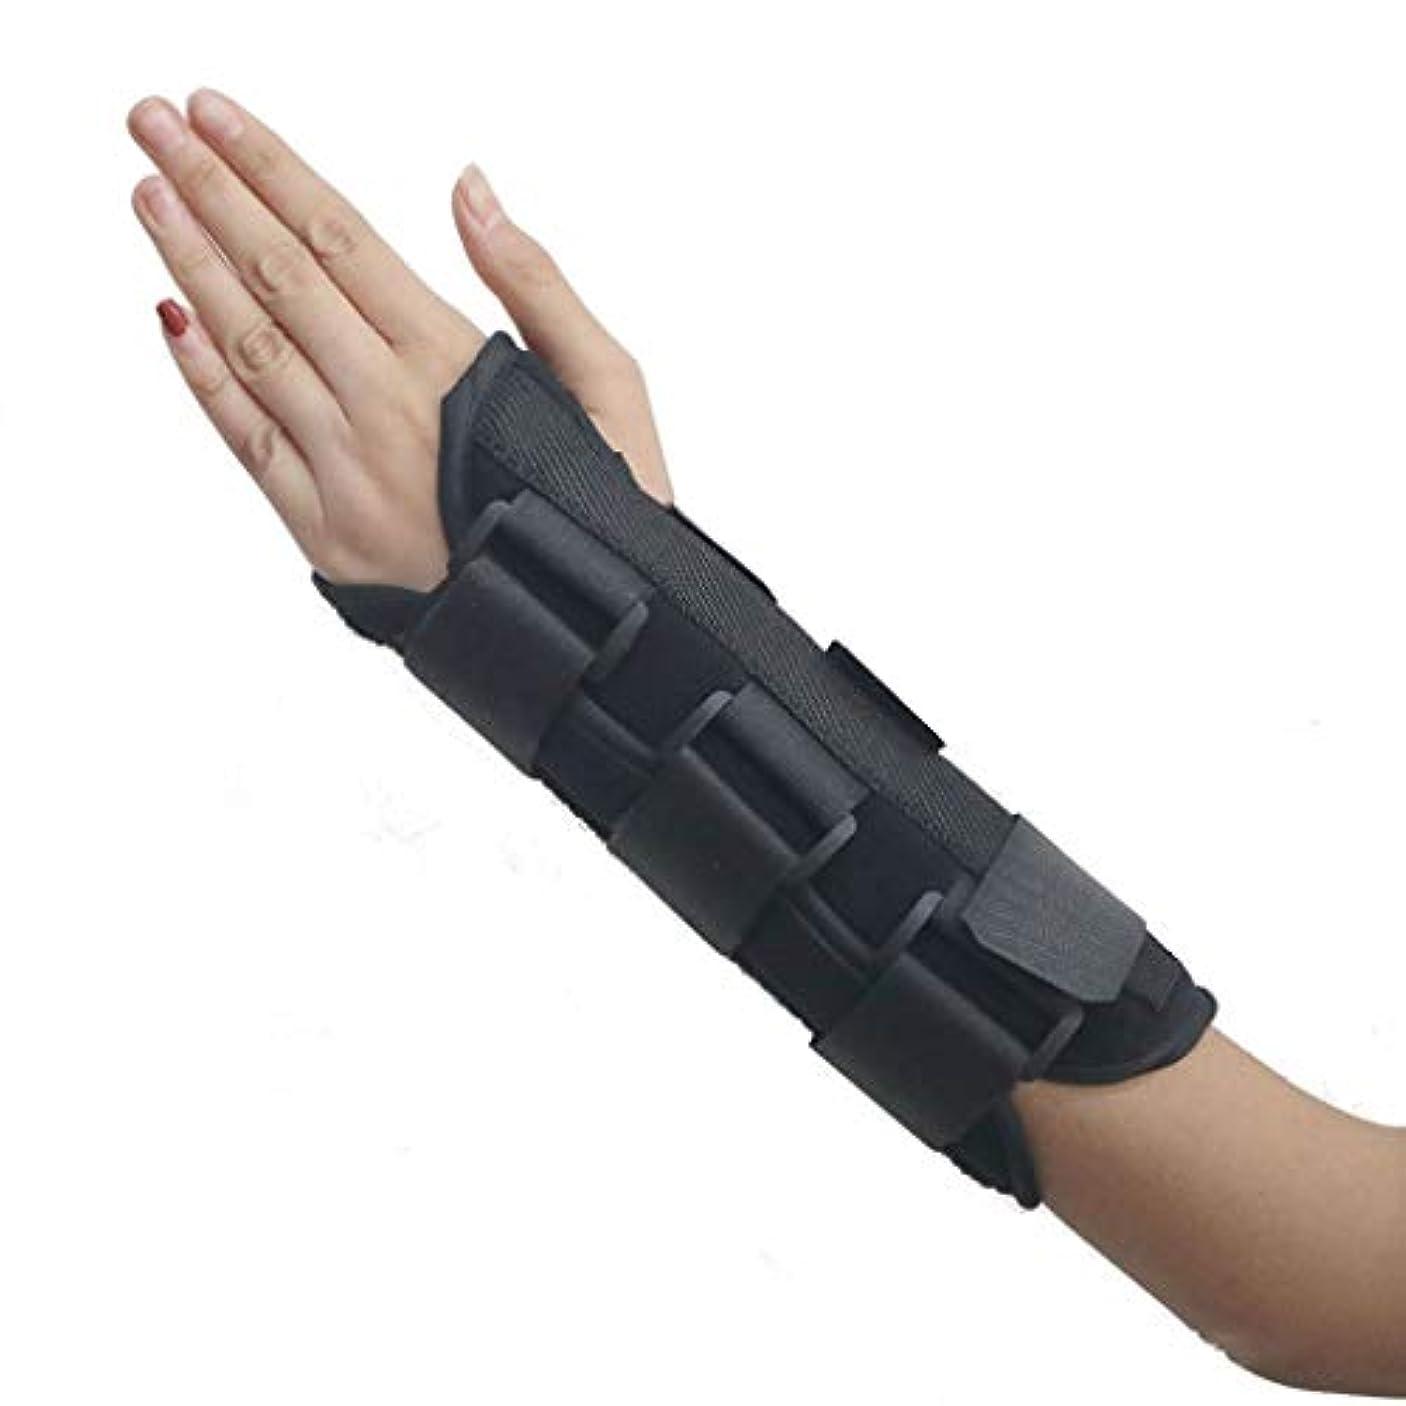 ループそれにもかかわらず泣き叫ぶ指関節炎外反母趾矯正親指手首の傷回復回復スプリント、指セパレーター手矯正手根管、関節痛緩和矯正器,Righthand,M